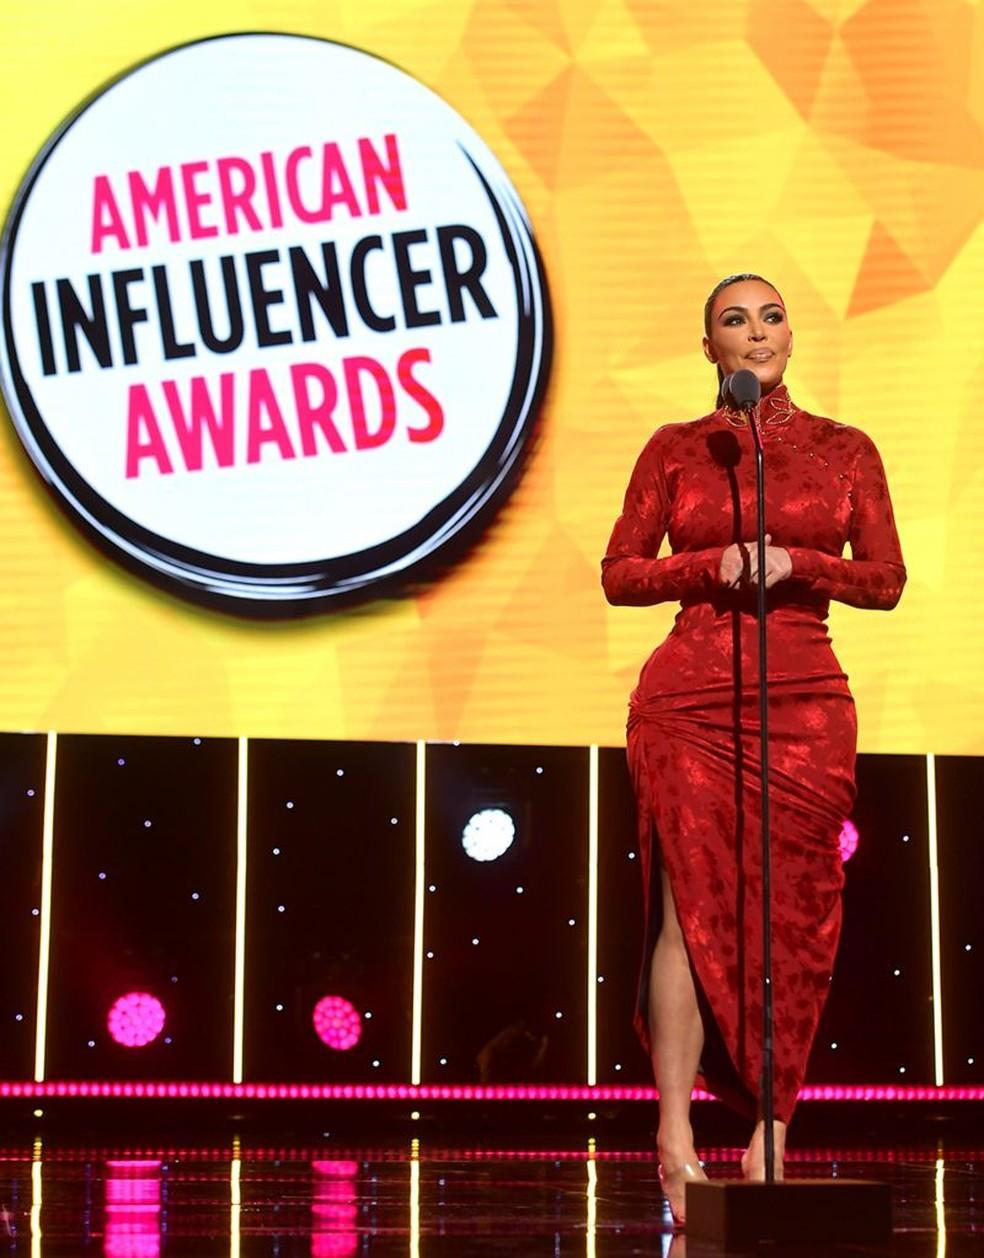 A popularidade de algumas das celebridades mais famosas, como Kim Kardashian, é exagerada pela equação do influenciador, diz Sumpter — Foto: GETTY IMAGES via BBC Brasil